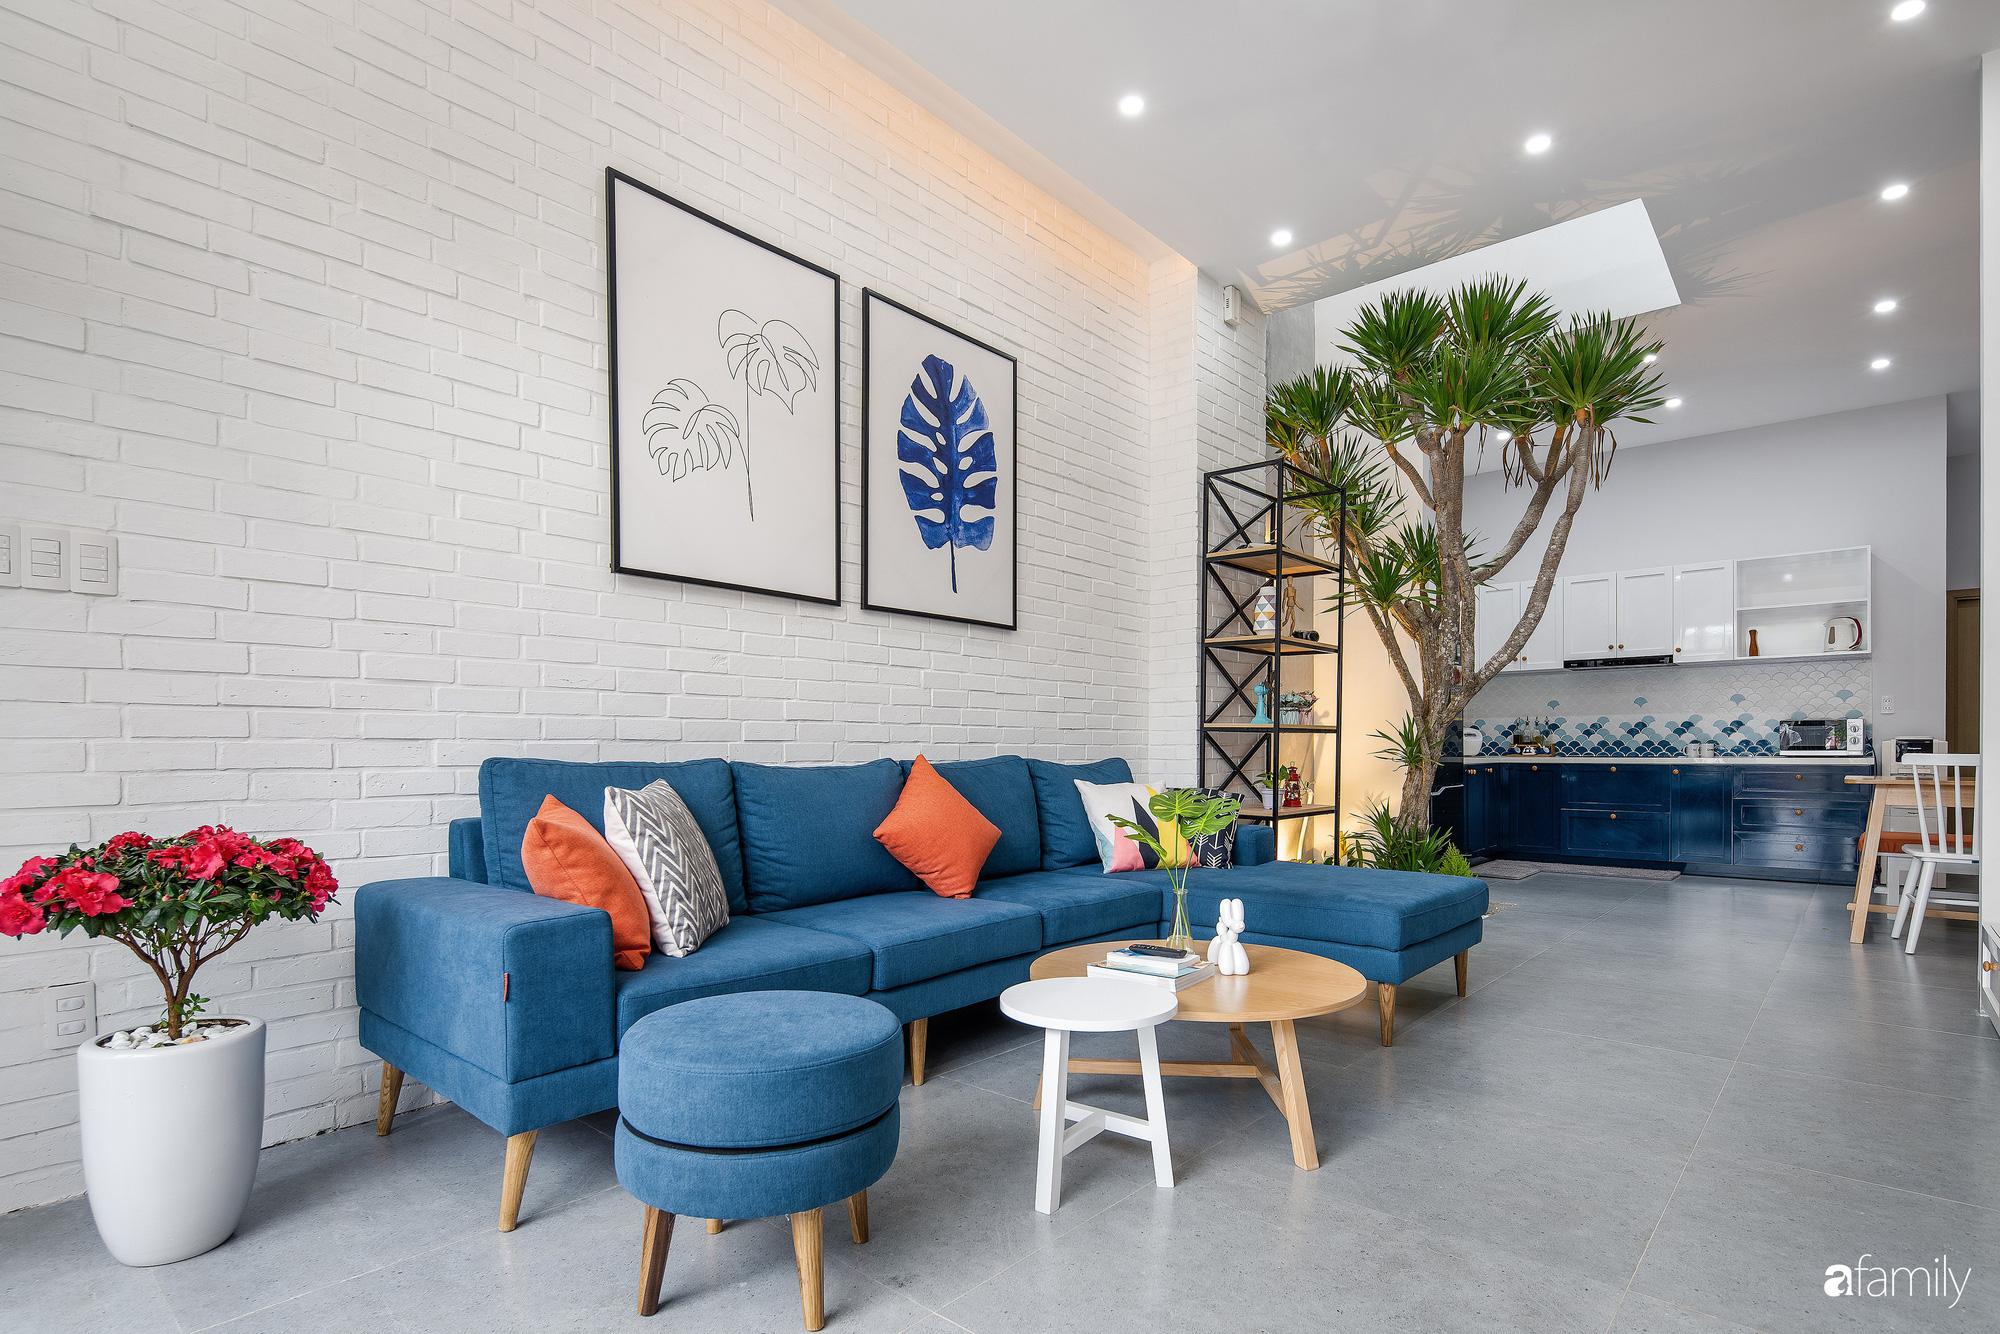 Nhà phố 2 tầng rộng 100m2 được thiết kế ấn tượng với khoảng thông tầng nhiều ánh sáng có chi phí 1,4 tỷ ở Đà Nẵng - Ảnh 4.